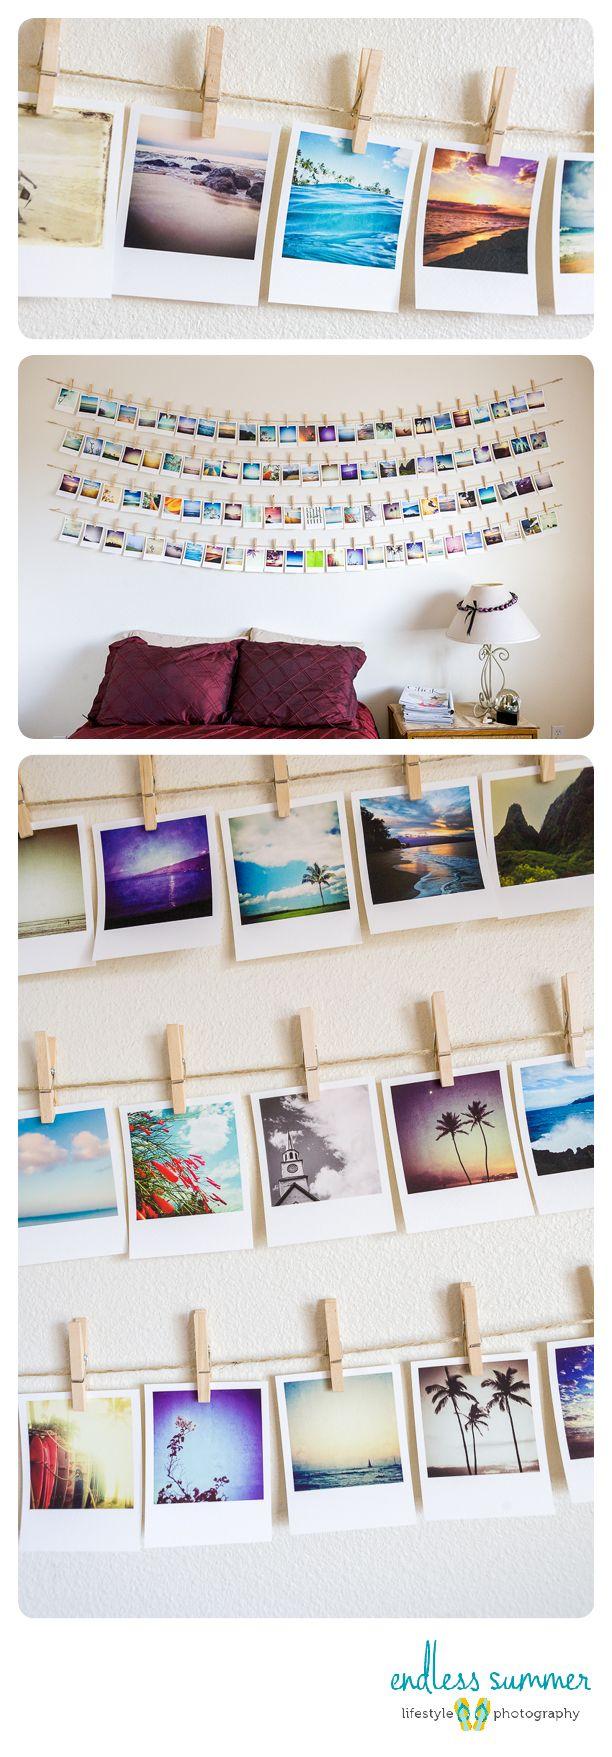 fotowand wohnung fotowand ideen fotowand und fotos. Black Bedroom Furniture Sets. Home Design Ideas